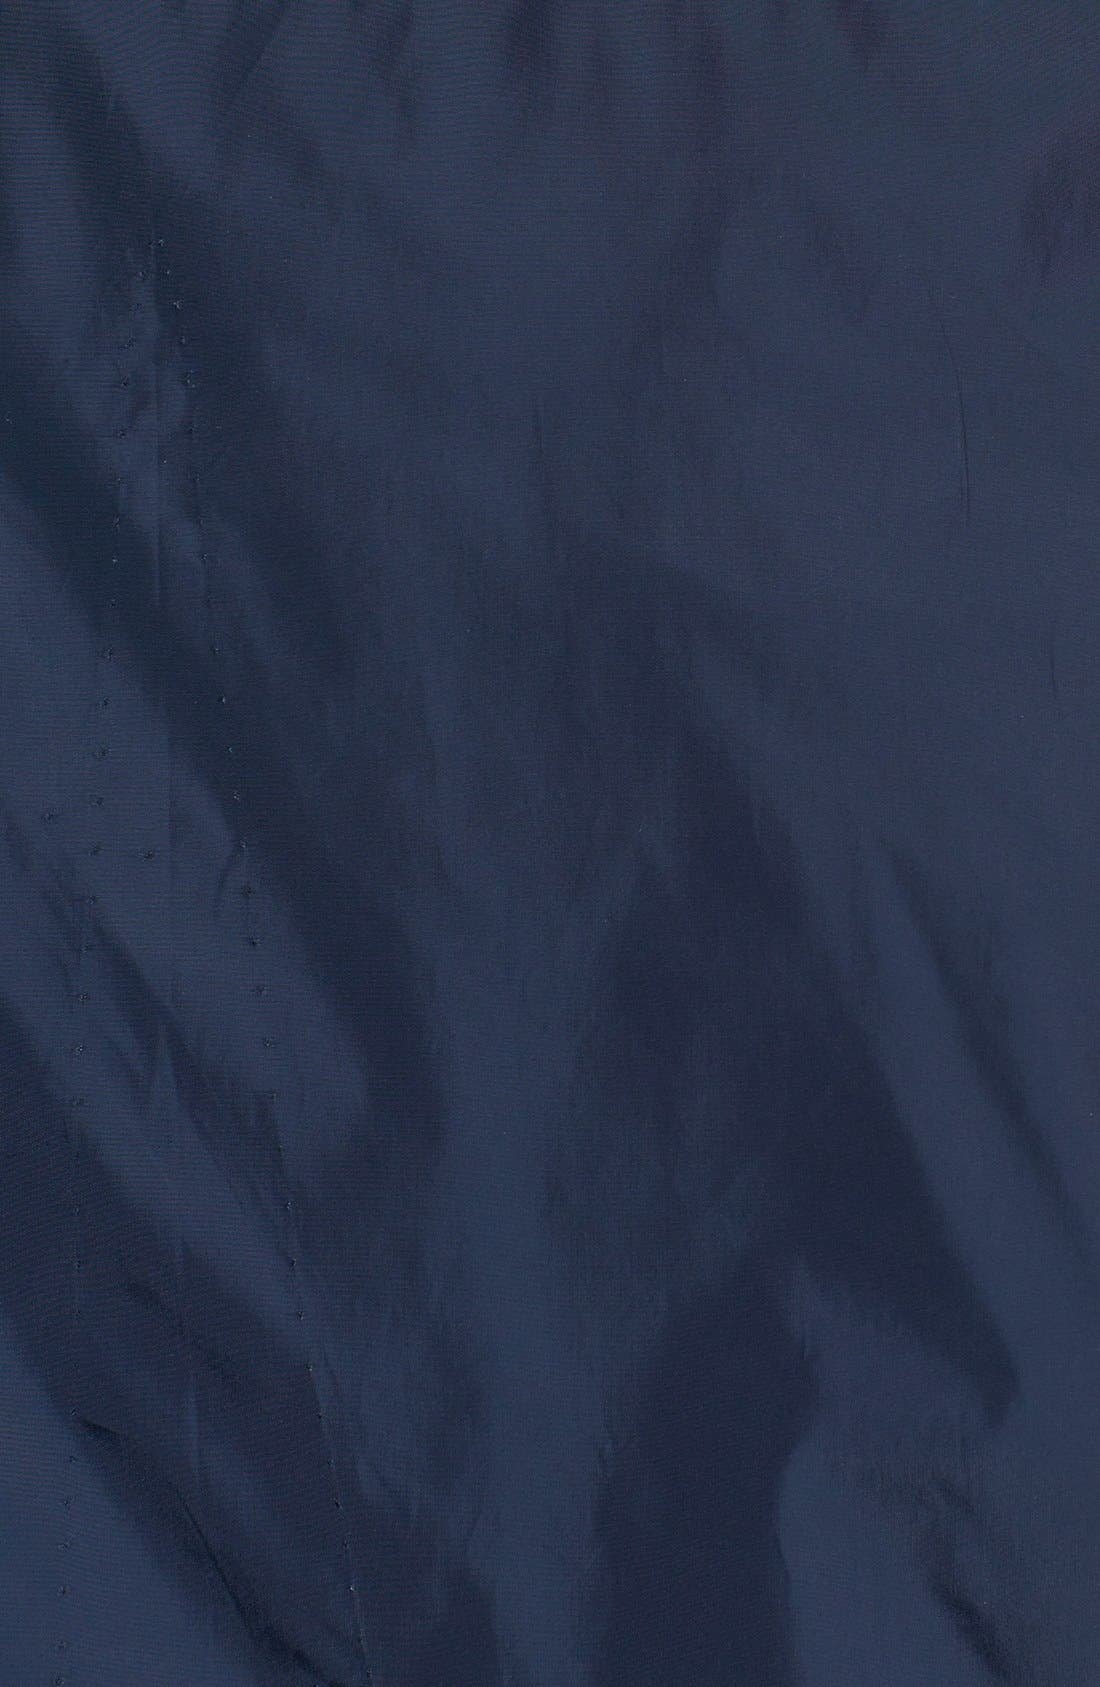 Alternate Image 3  - Michael Kors 'Baseball' Bomber Jacket